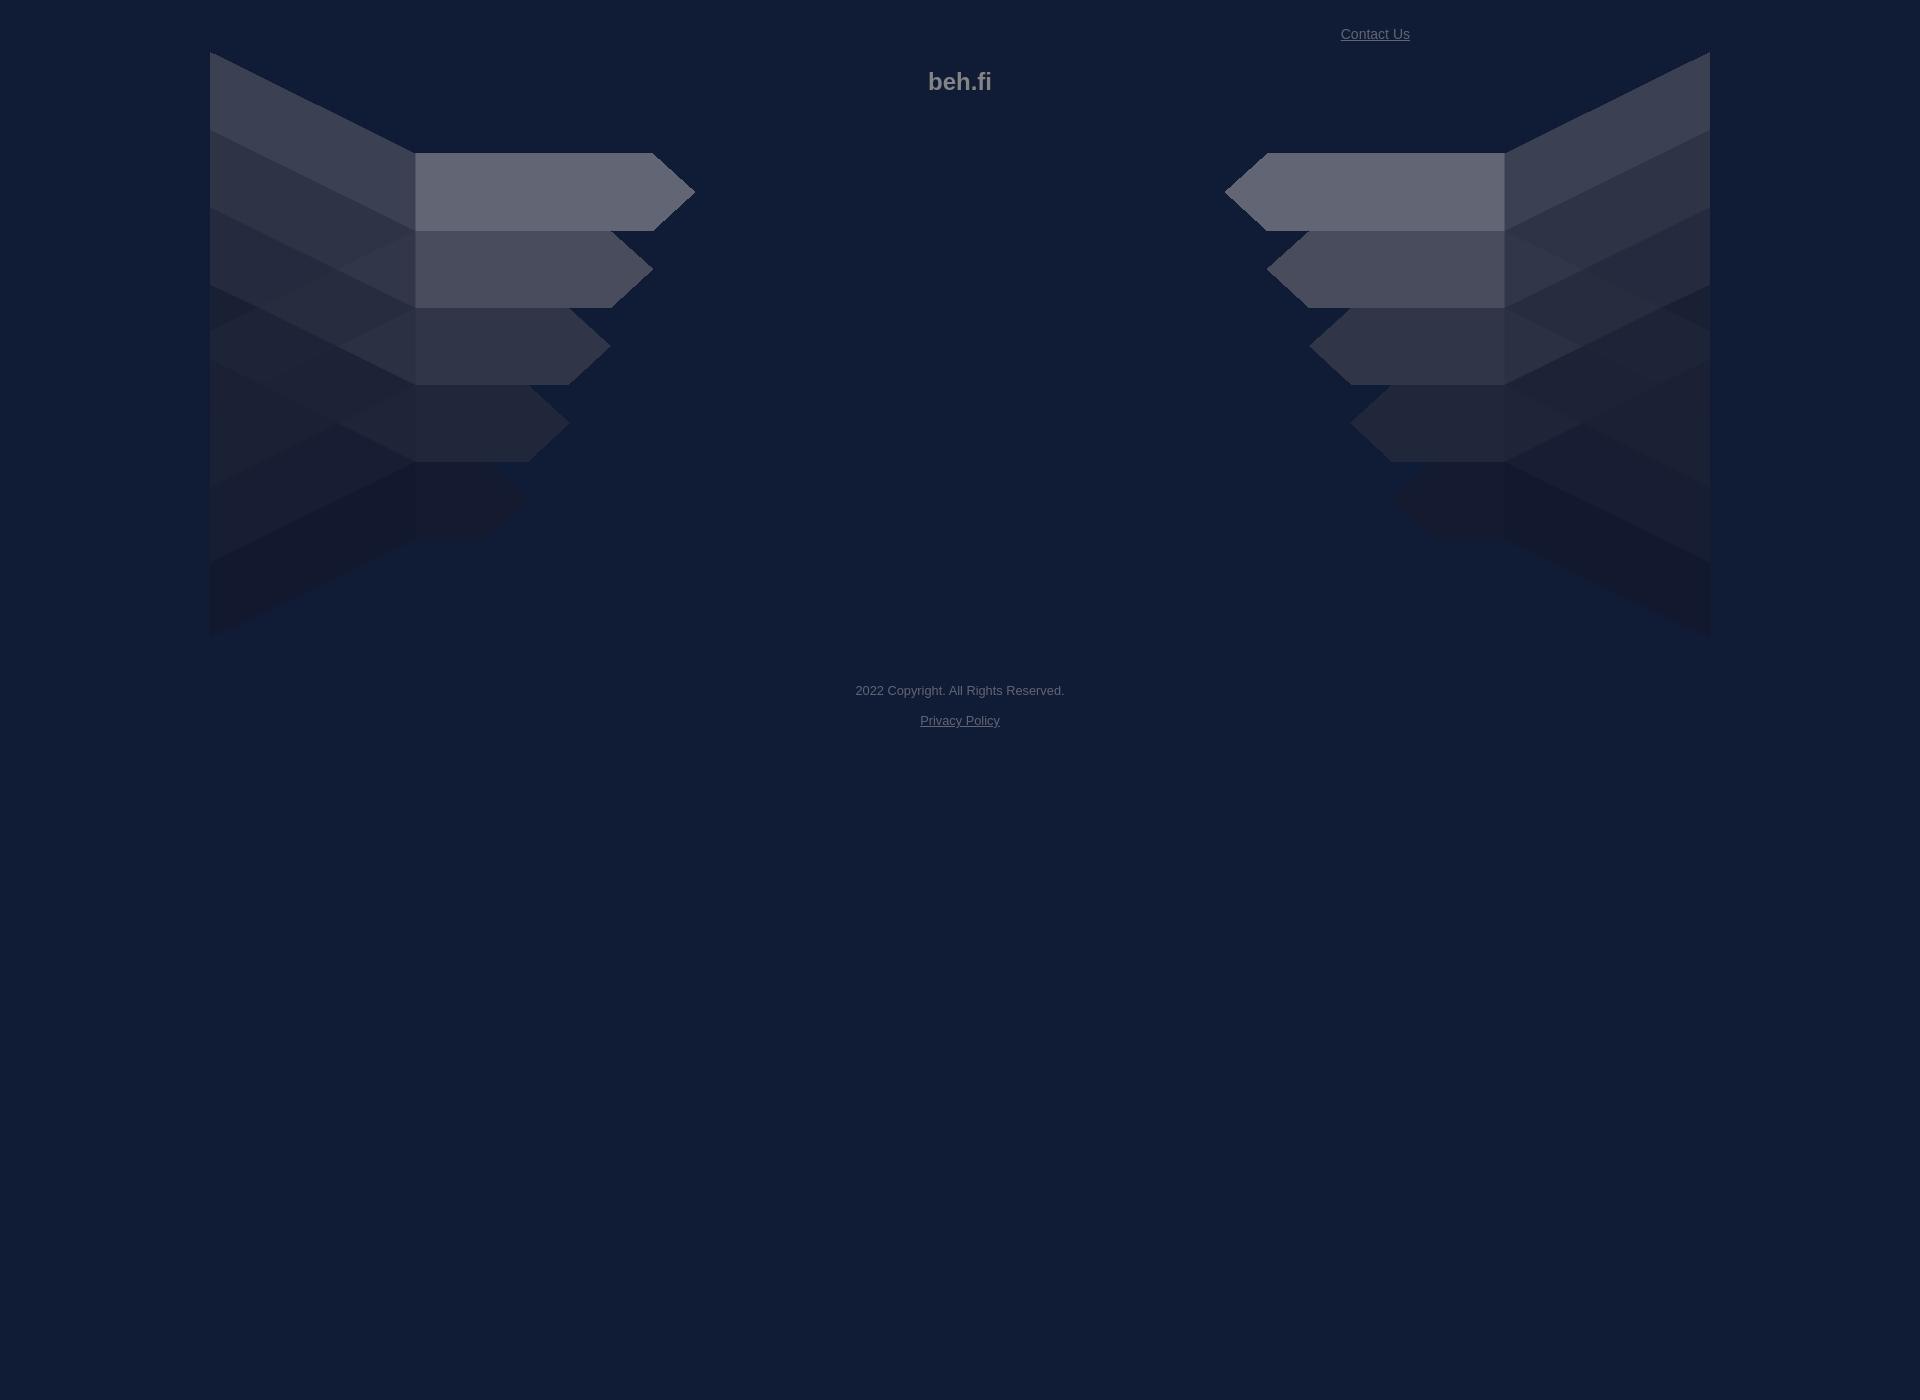 Screenshot for beh.fi